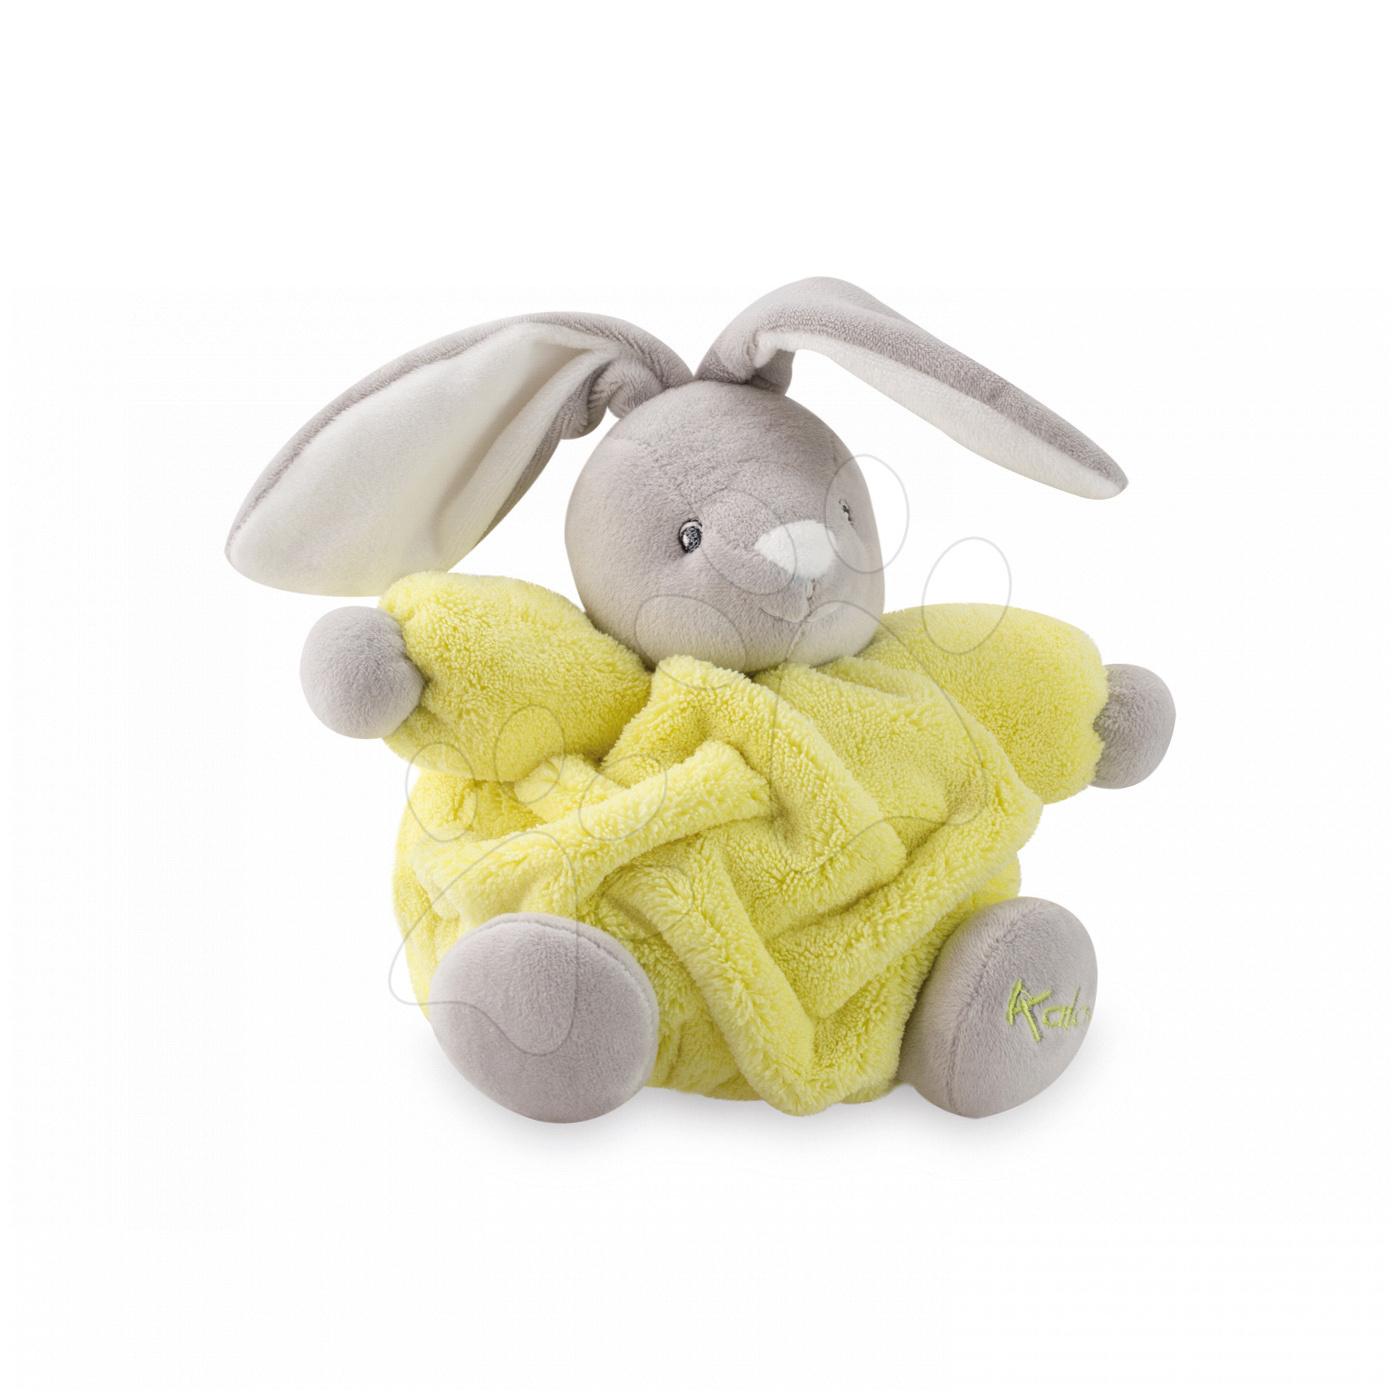 Plyšový králíček Chubby Neon Kaloo 18 cm v dárkovém balení pro nejmenší žlutý